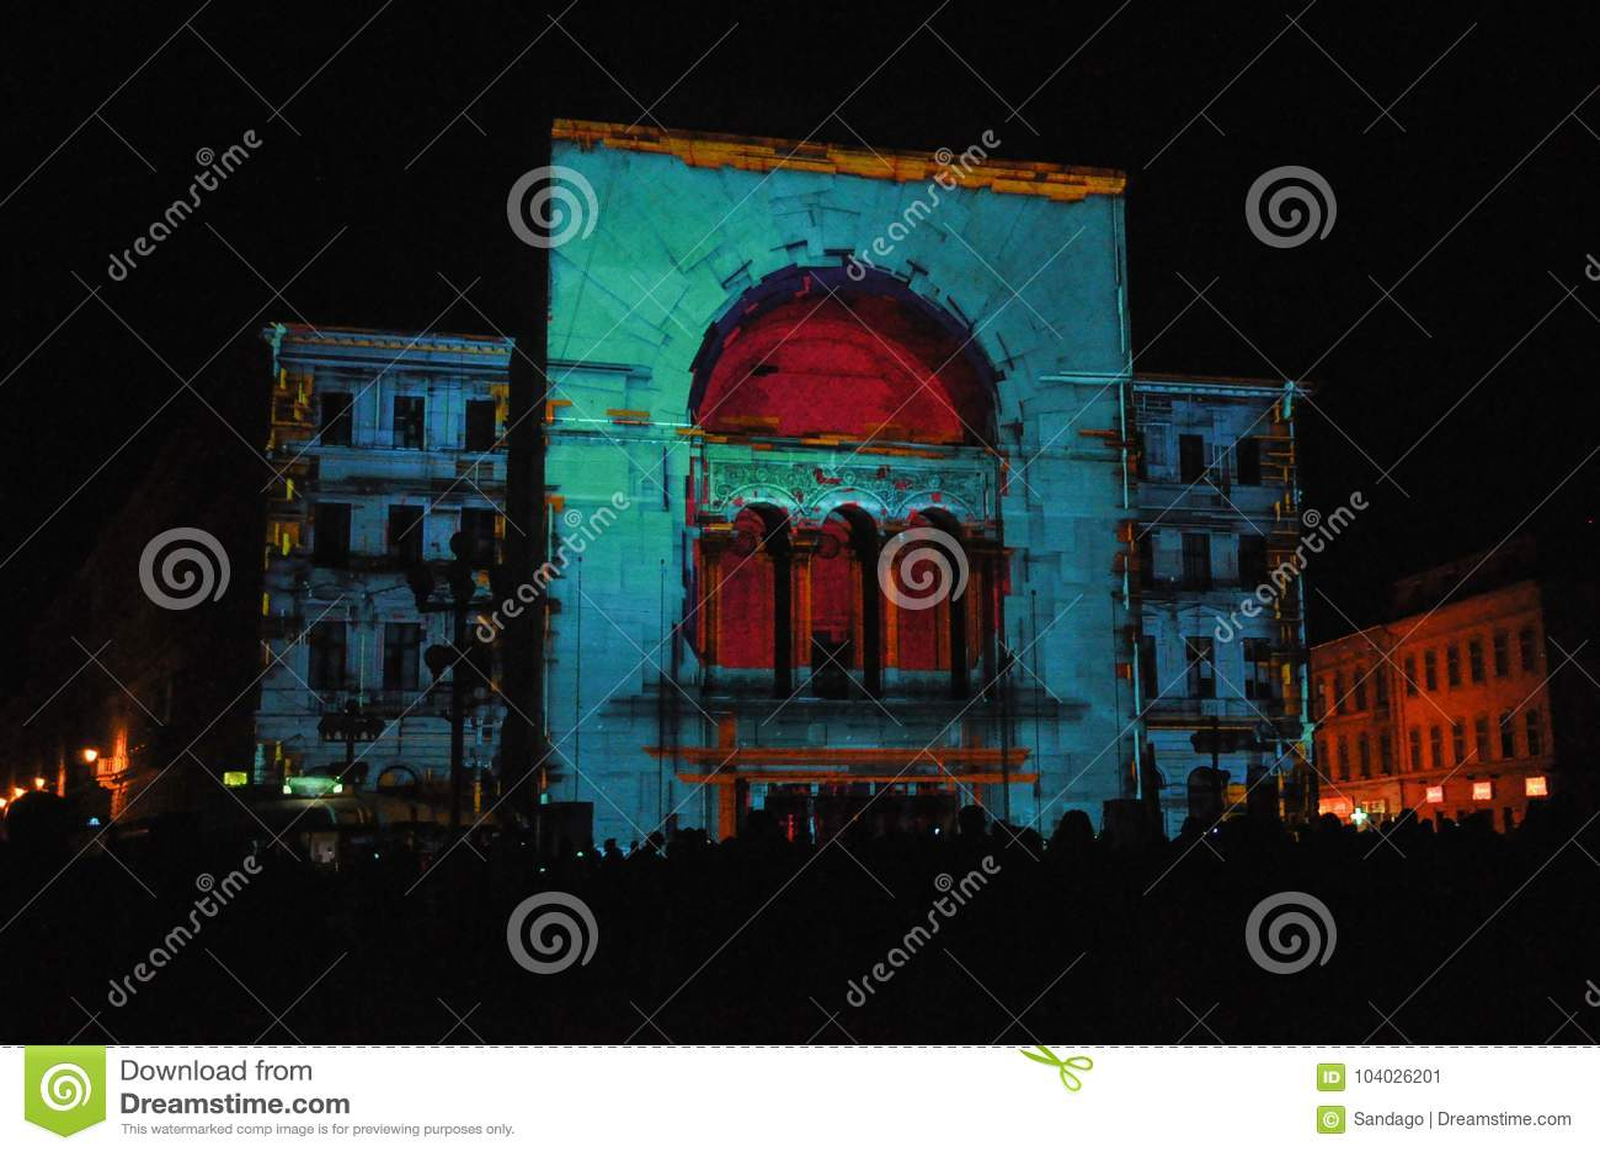 Opera house from Timisoara